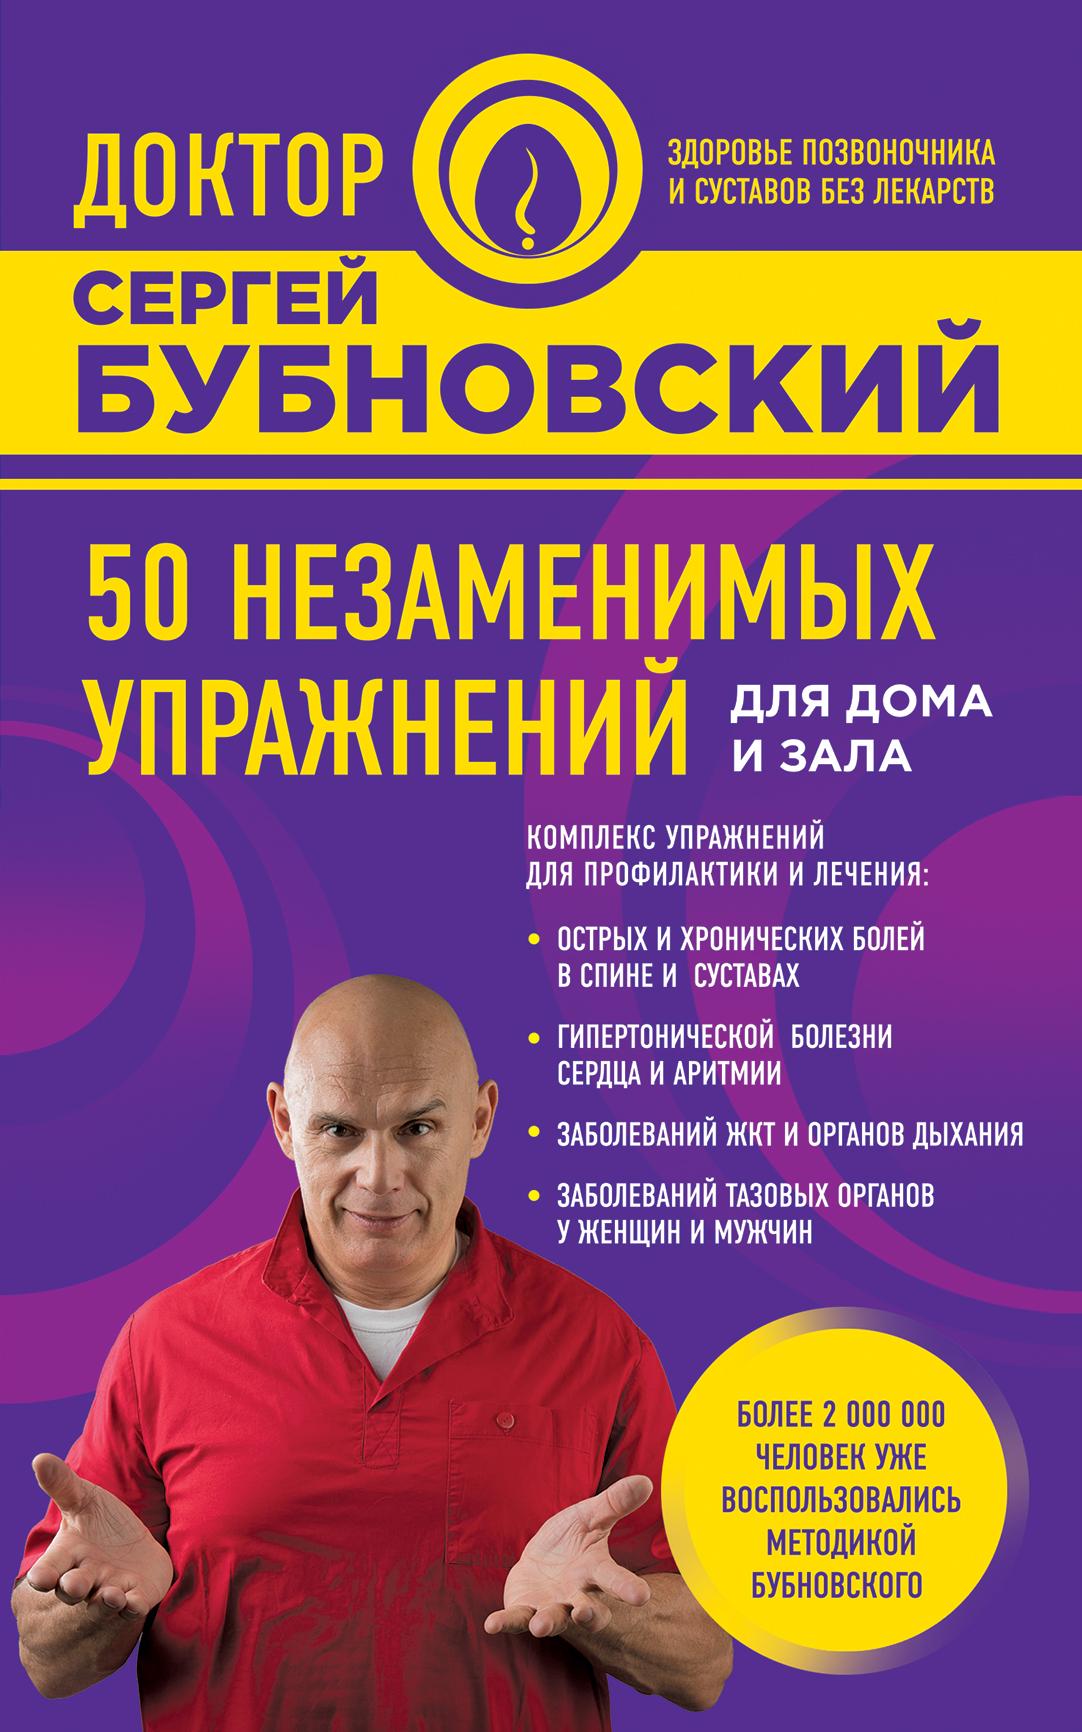 50 незаменимых упражнений для дома и зала